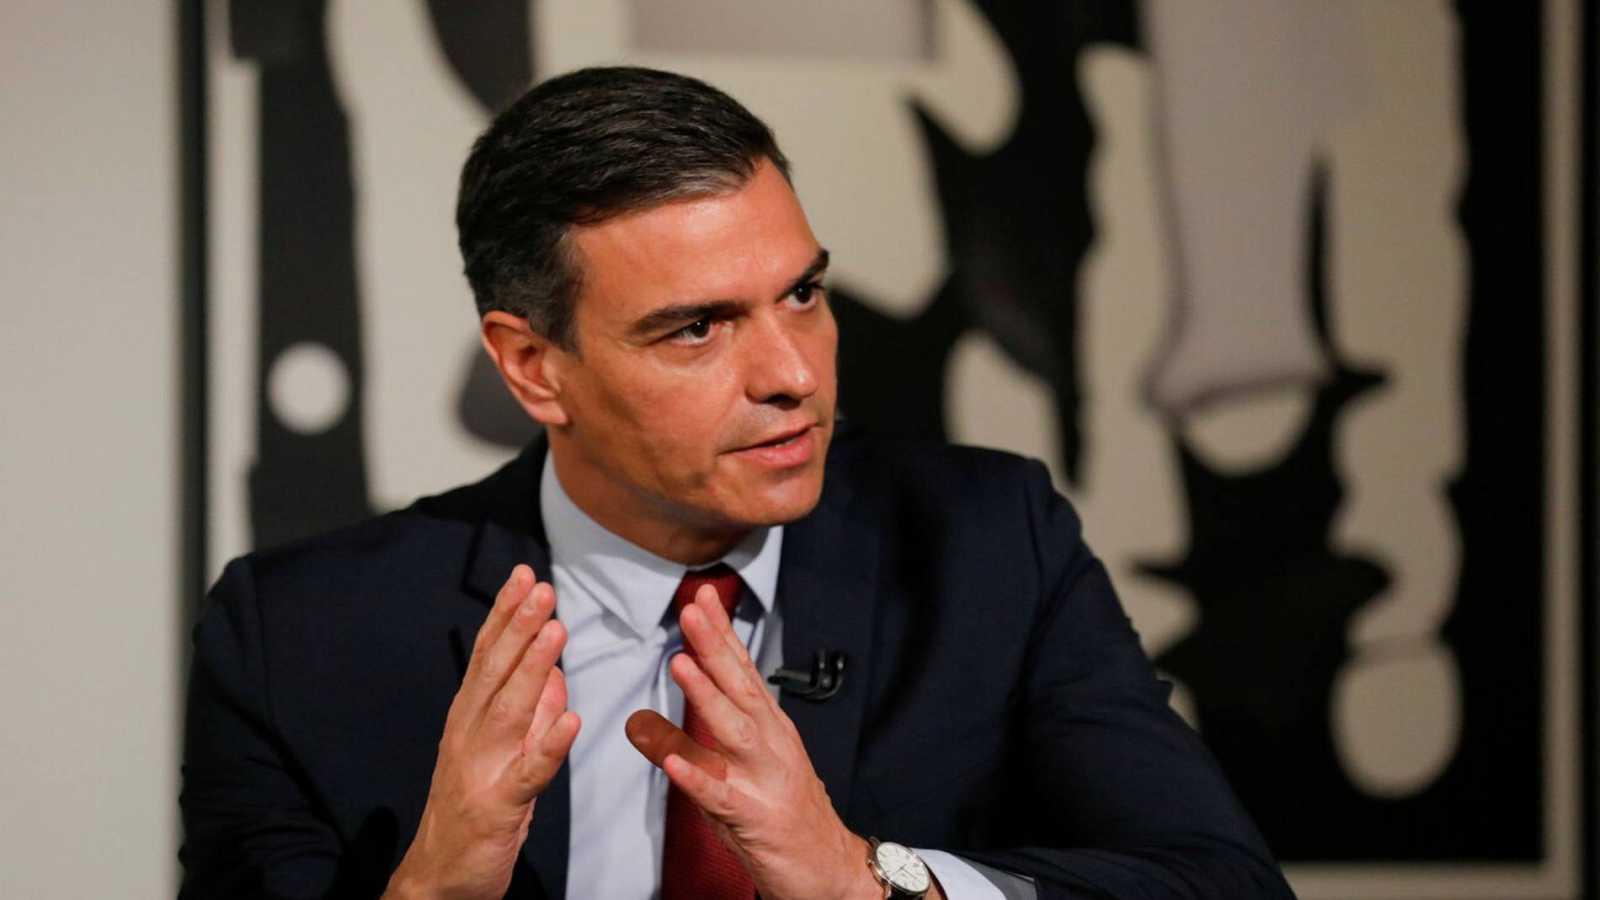 Pedro Sánchez comienza su gira por EE.UU. en busca de inversores